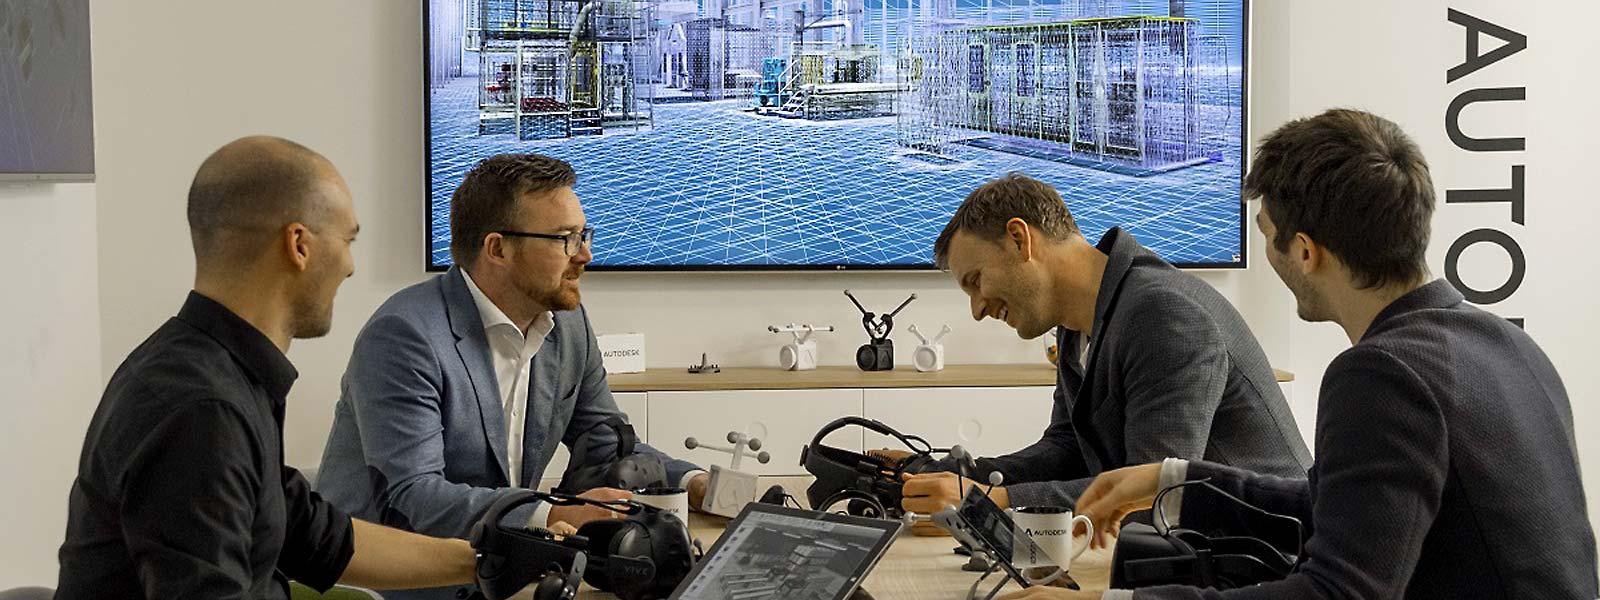 Symbolfoto Besprechung - Varianten sind mit analogen Designmethoden ein kostenintensiver und zeitaufwendiger Prozess